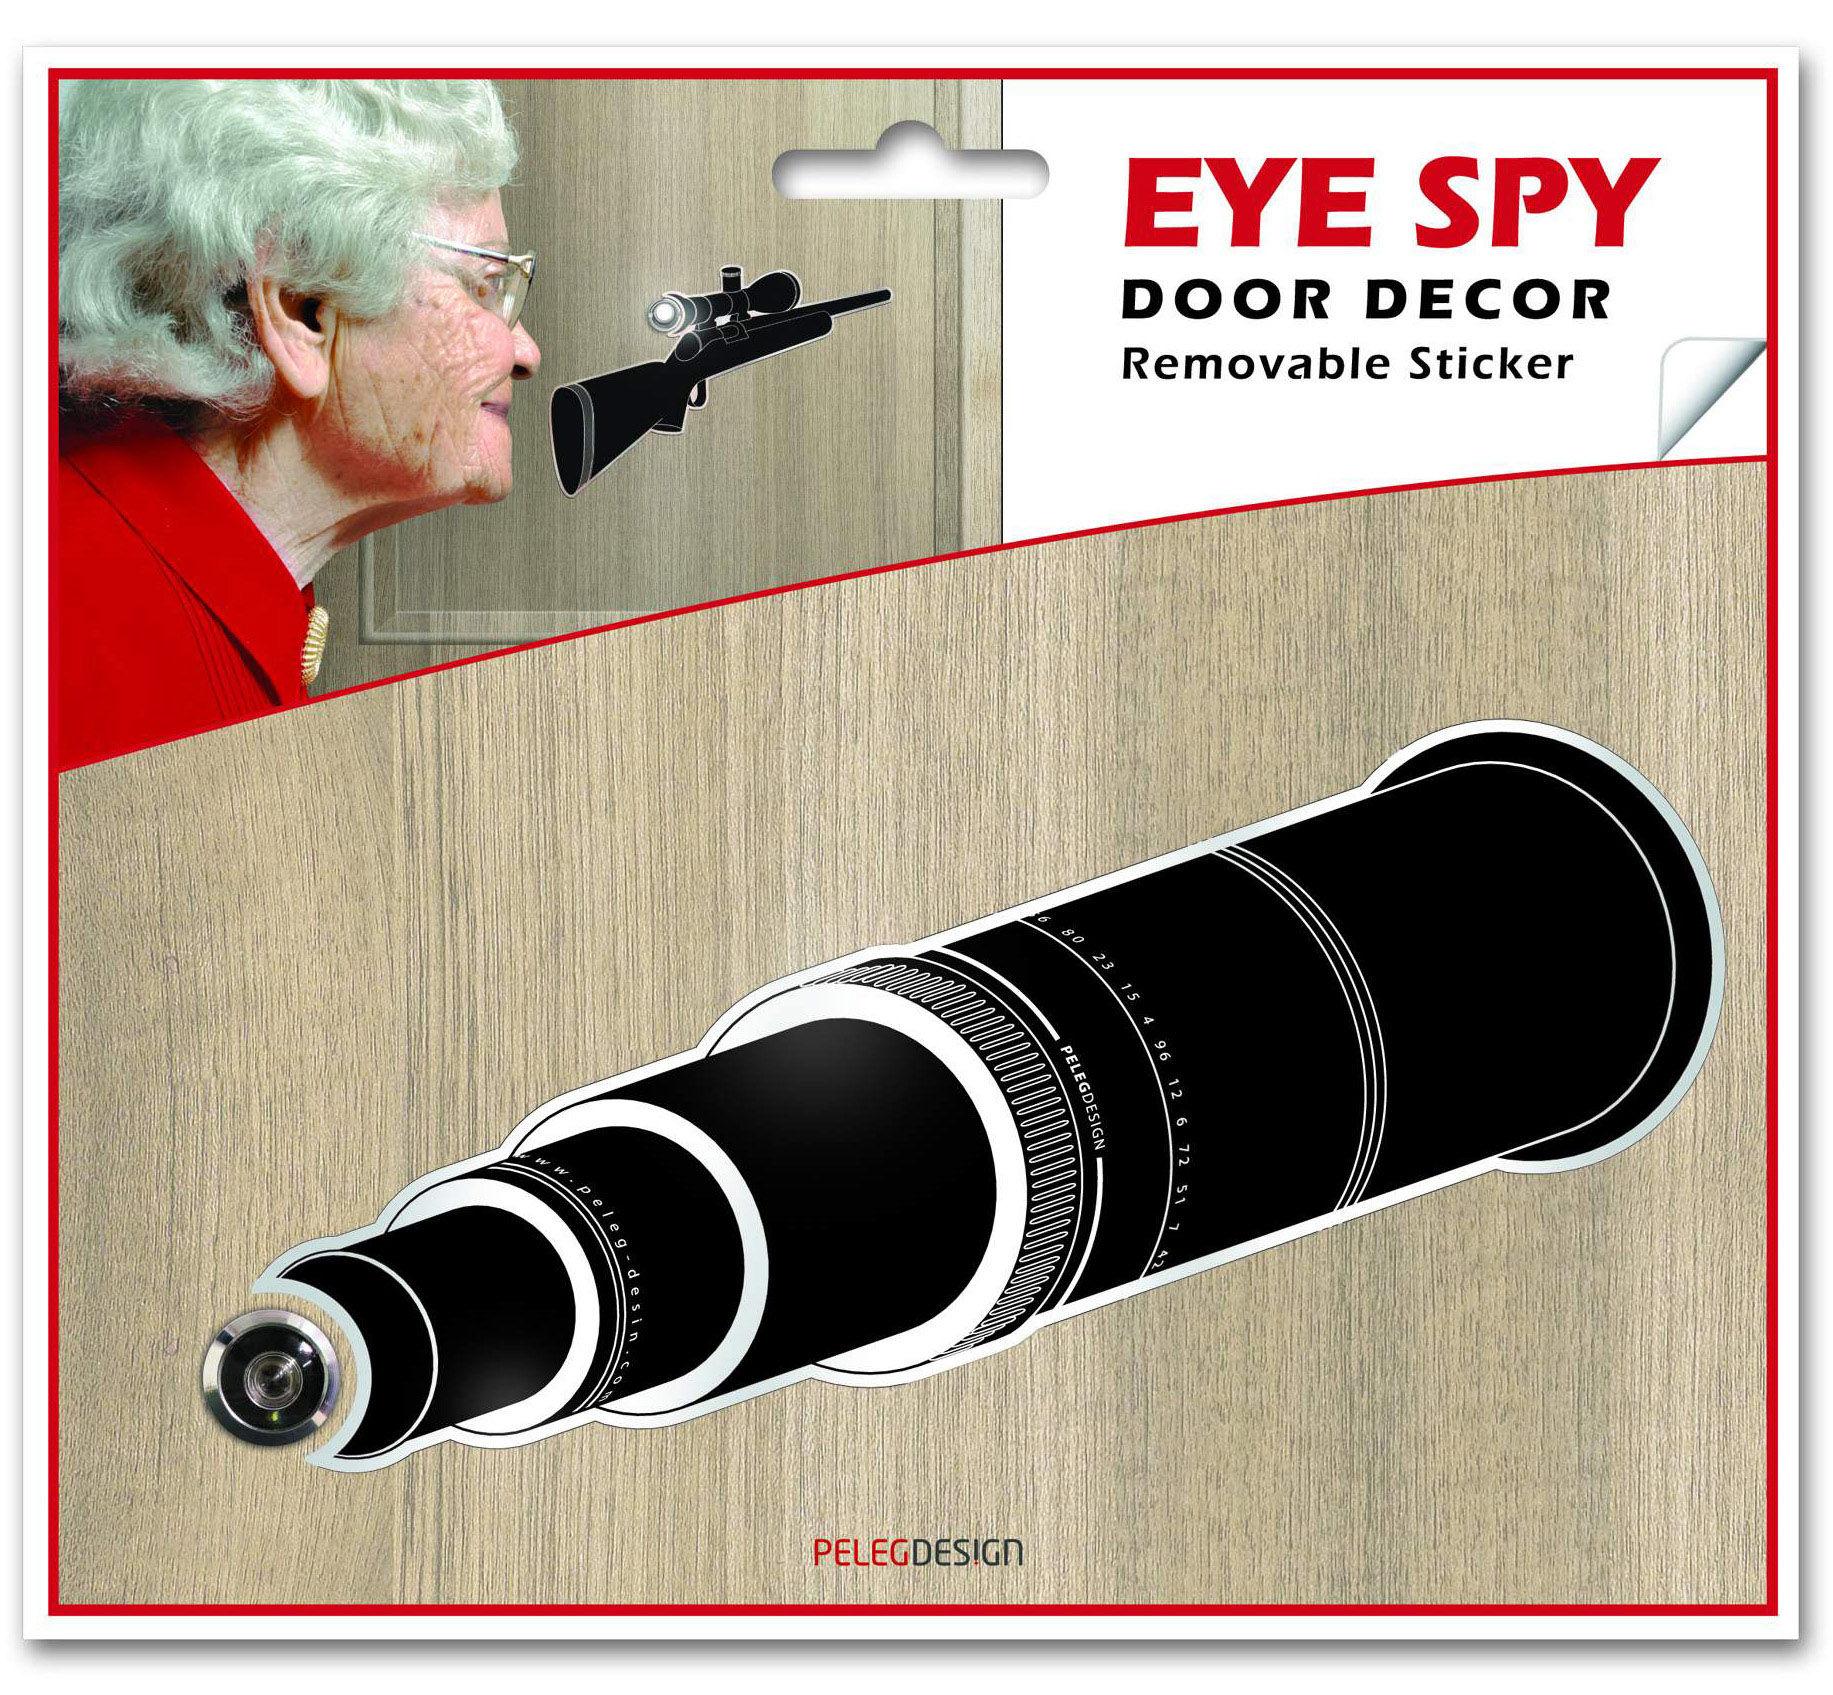 Samolepka k dveřnímu kukátku (dalekohled)